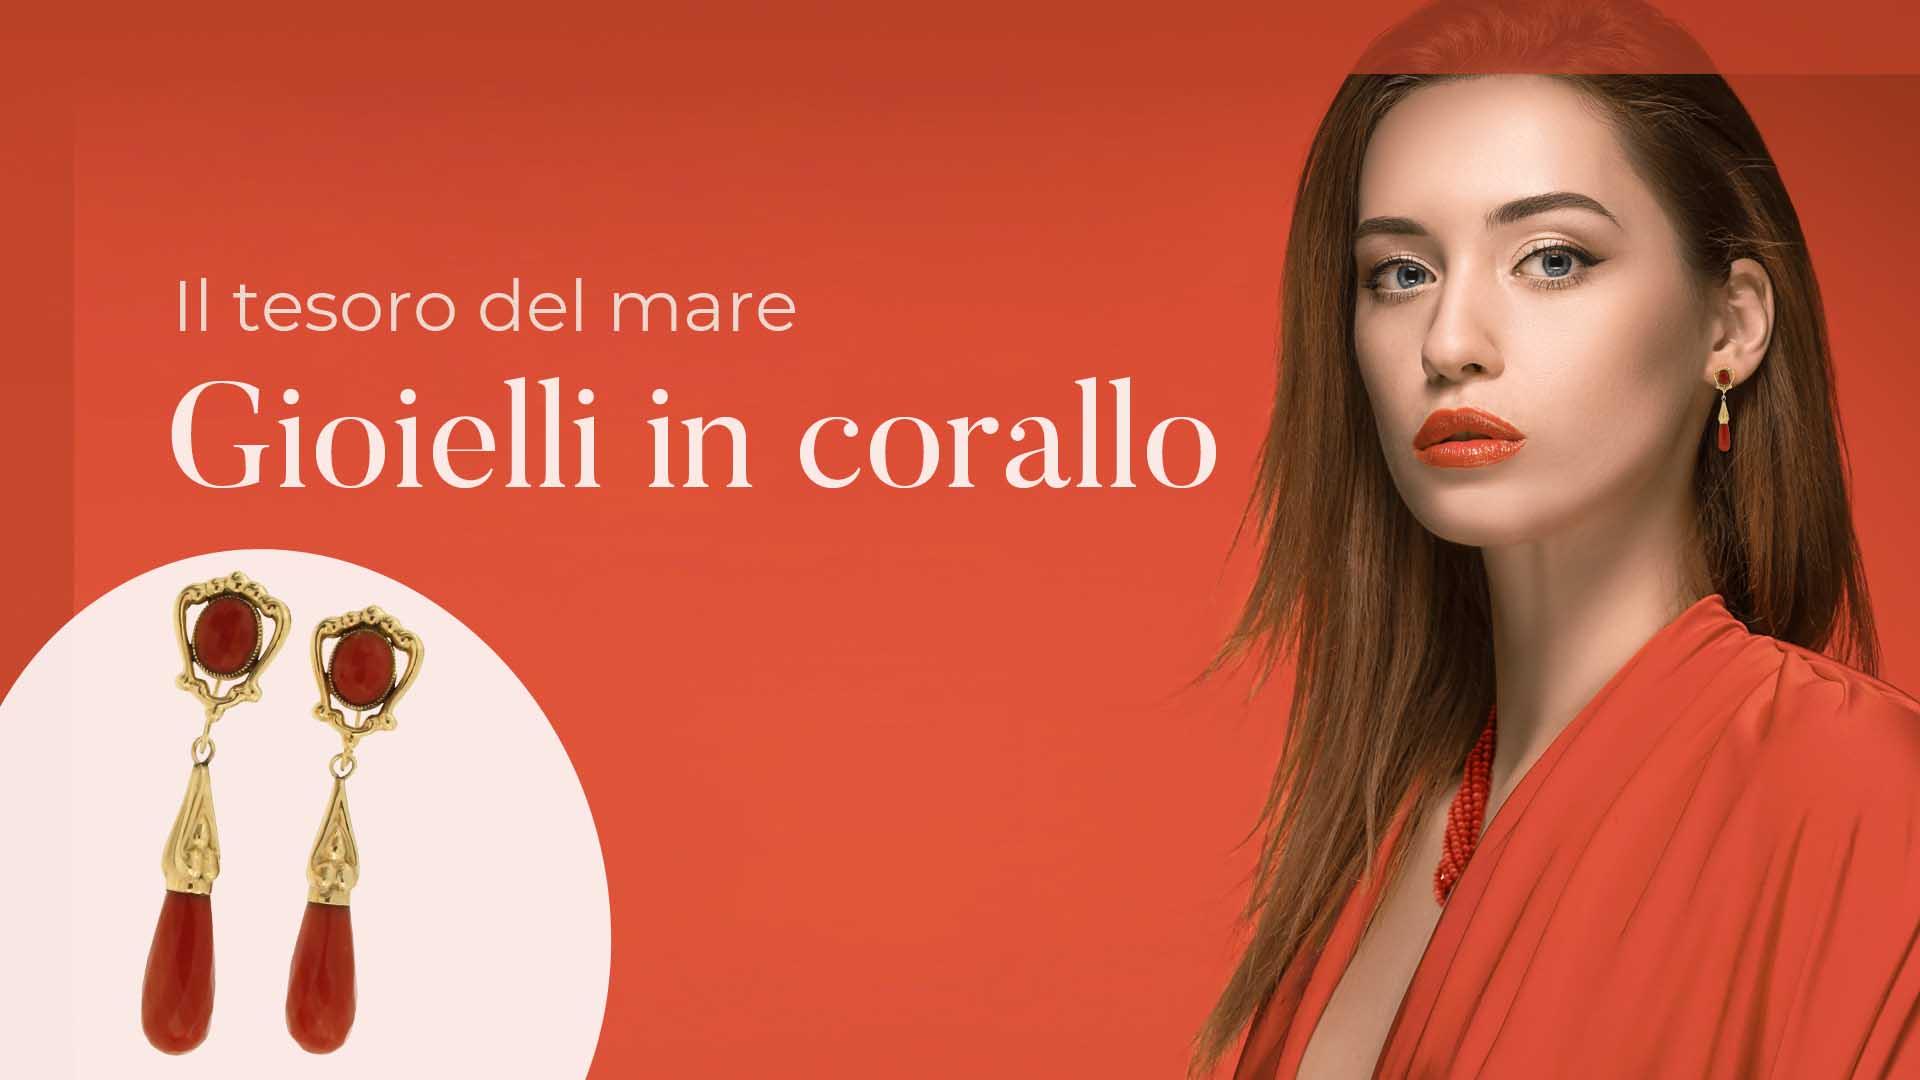 modella vestita di rosso che indossa gioielli in corallo